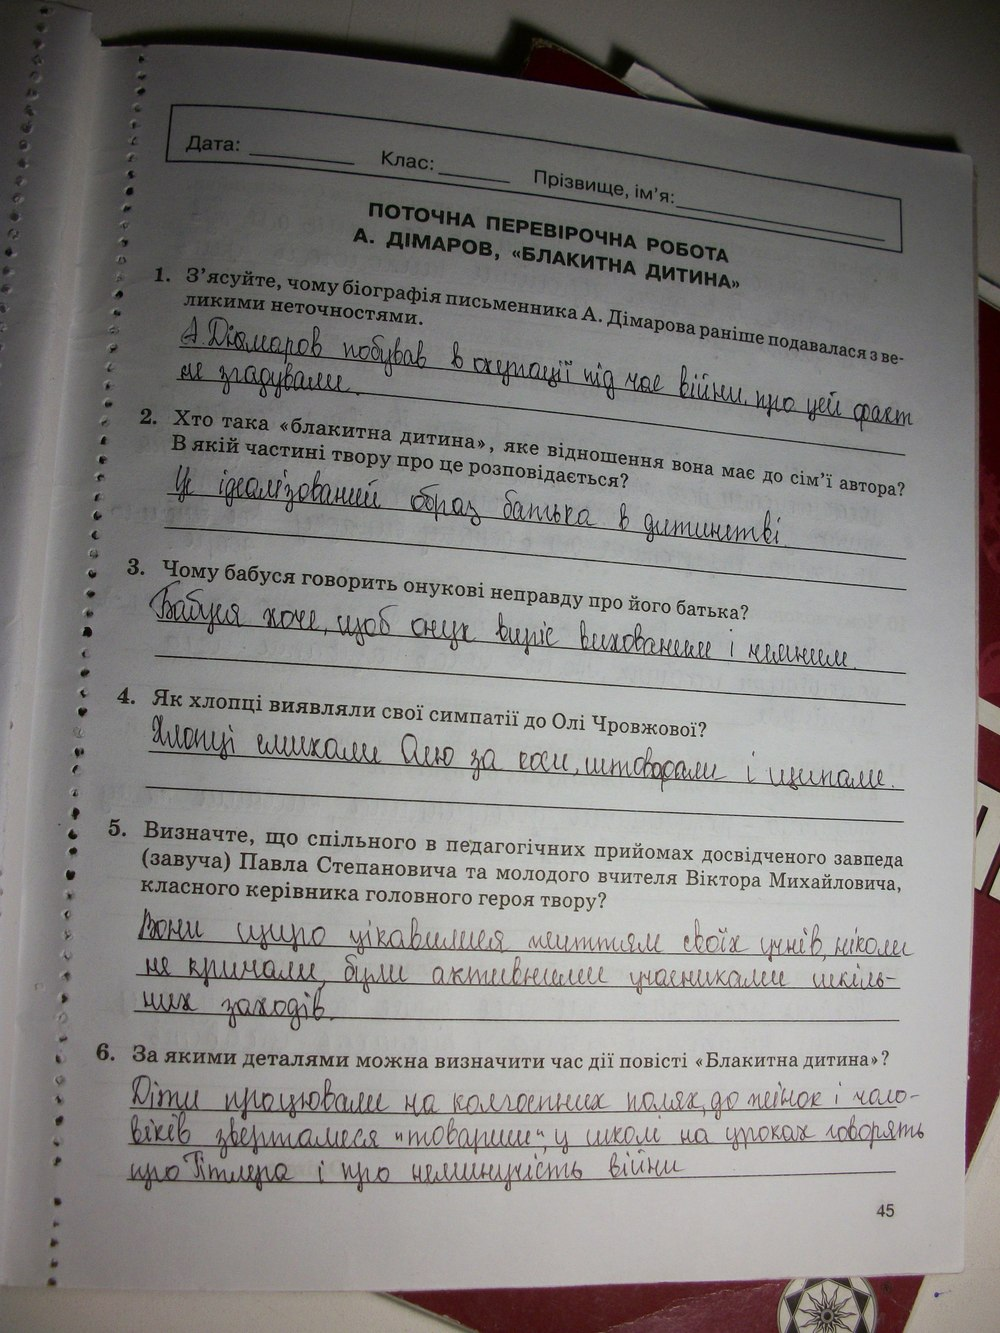 ГДЗ відповіді робочий зошит по литературе 7 класс Паращич В. В.. Задание: стр. 45